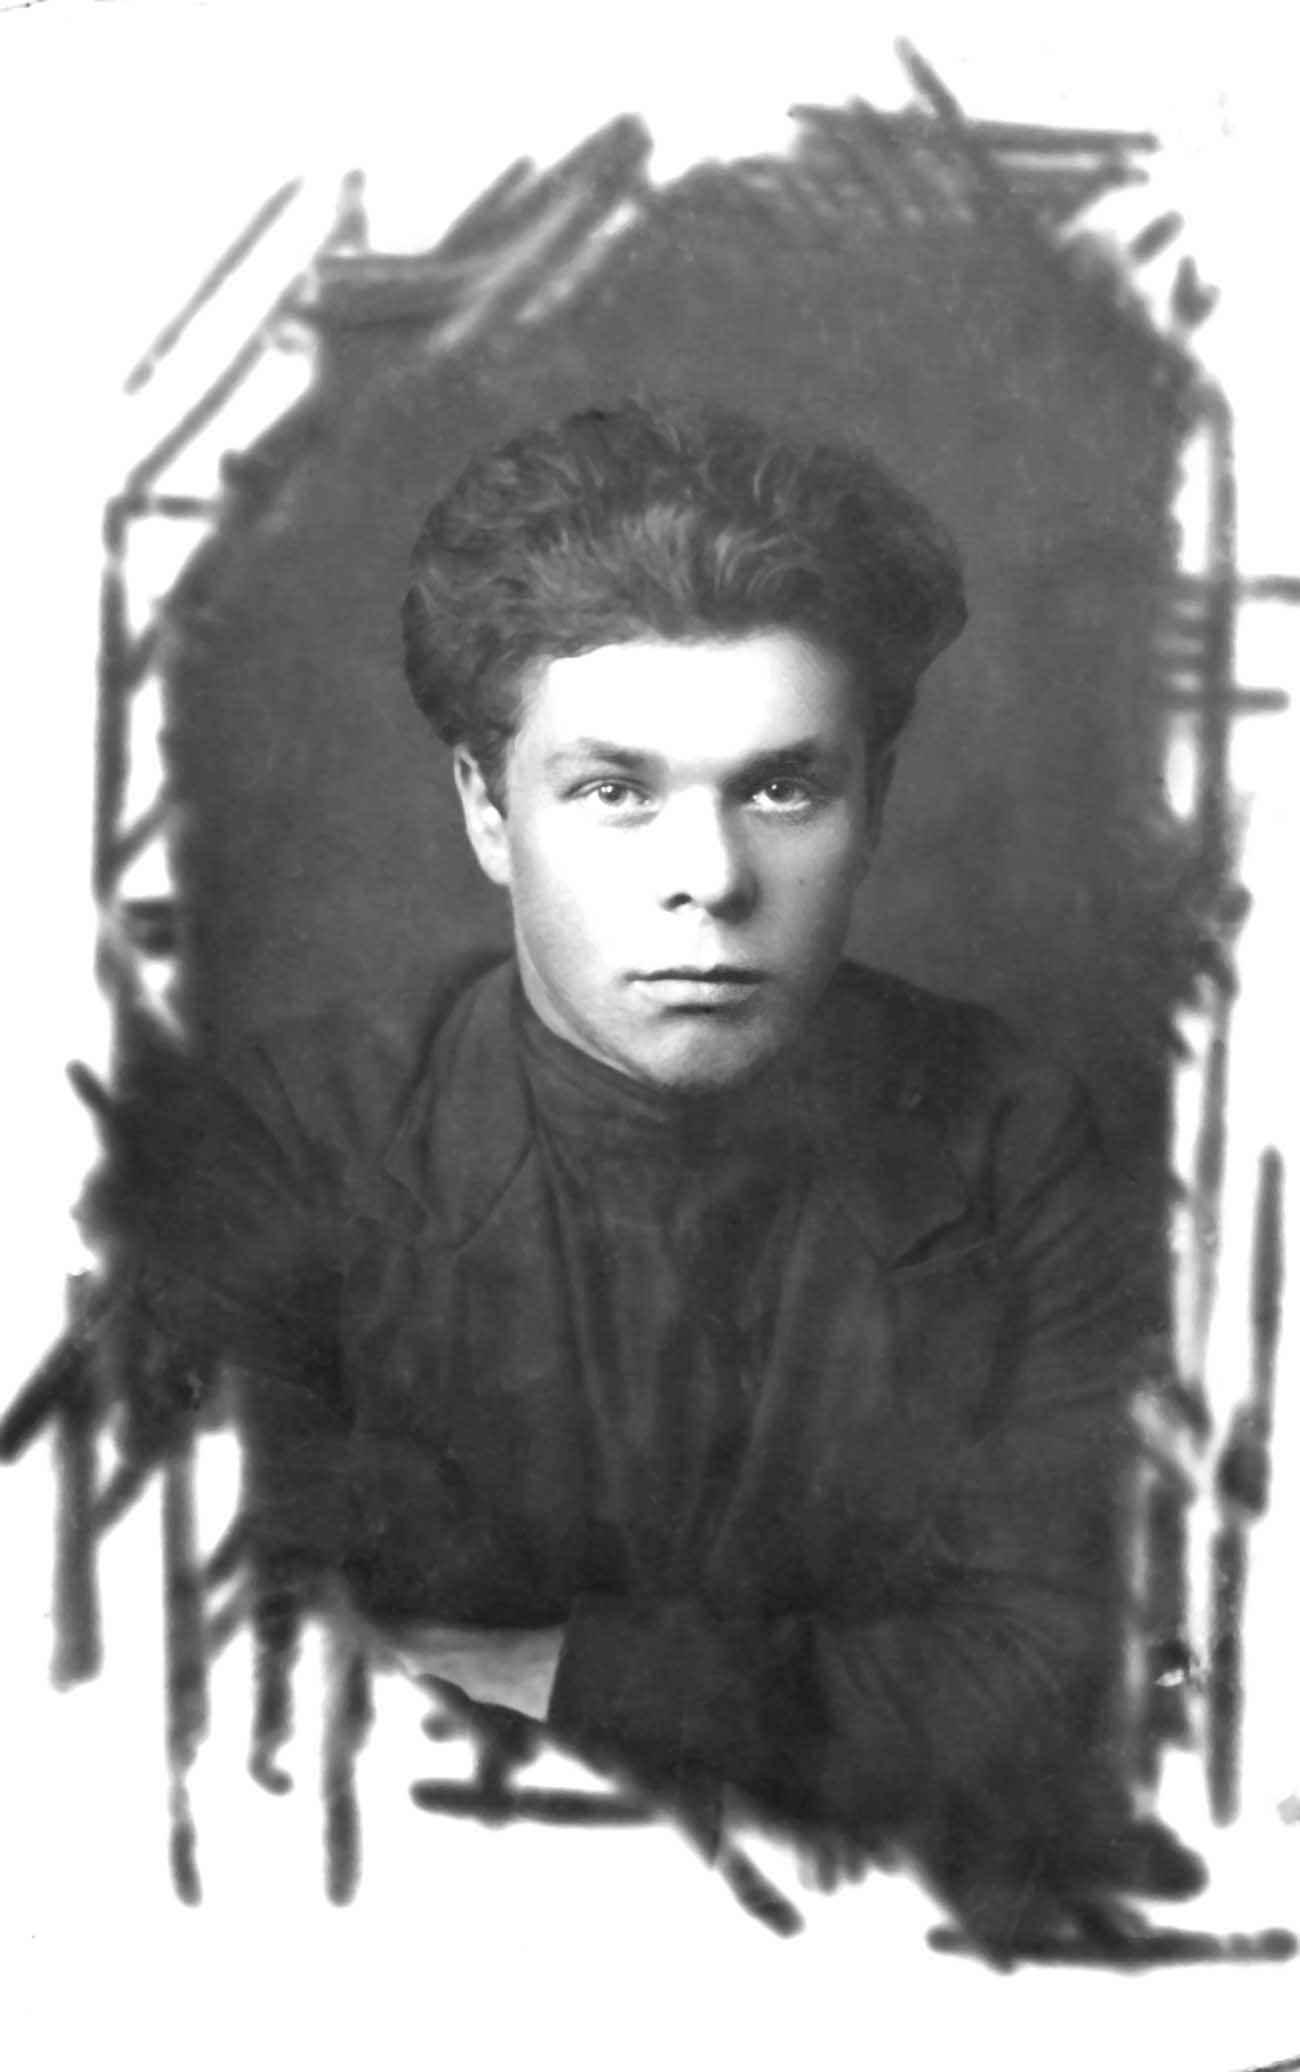 Экспонат #4. Владимир Бойков — слушатель школы ФЗУ. 1922 год